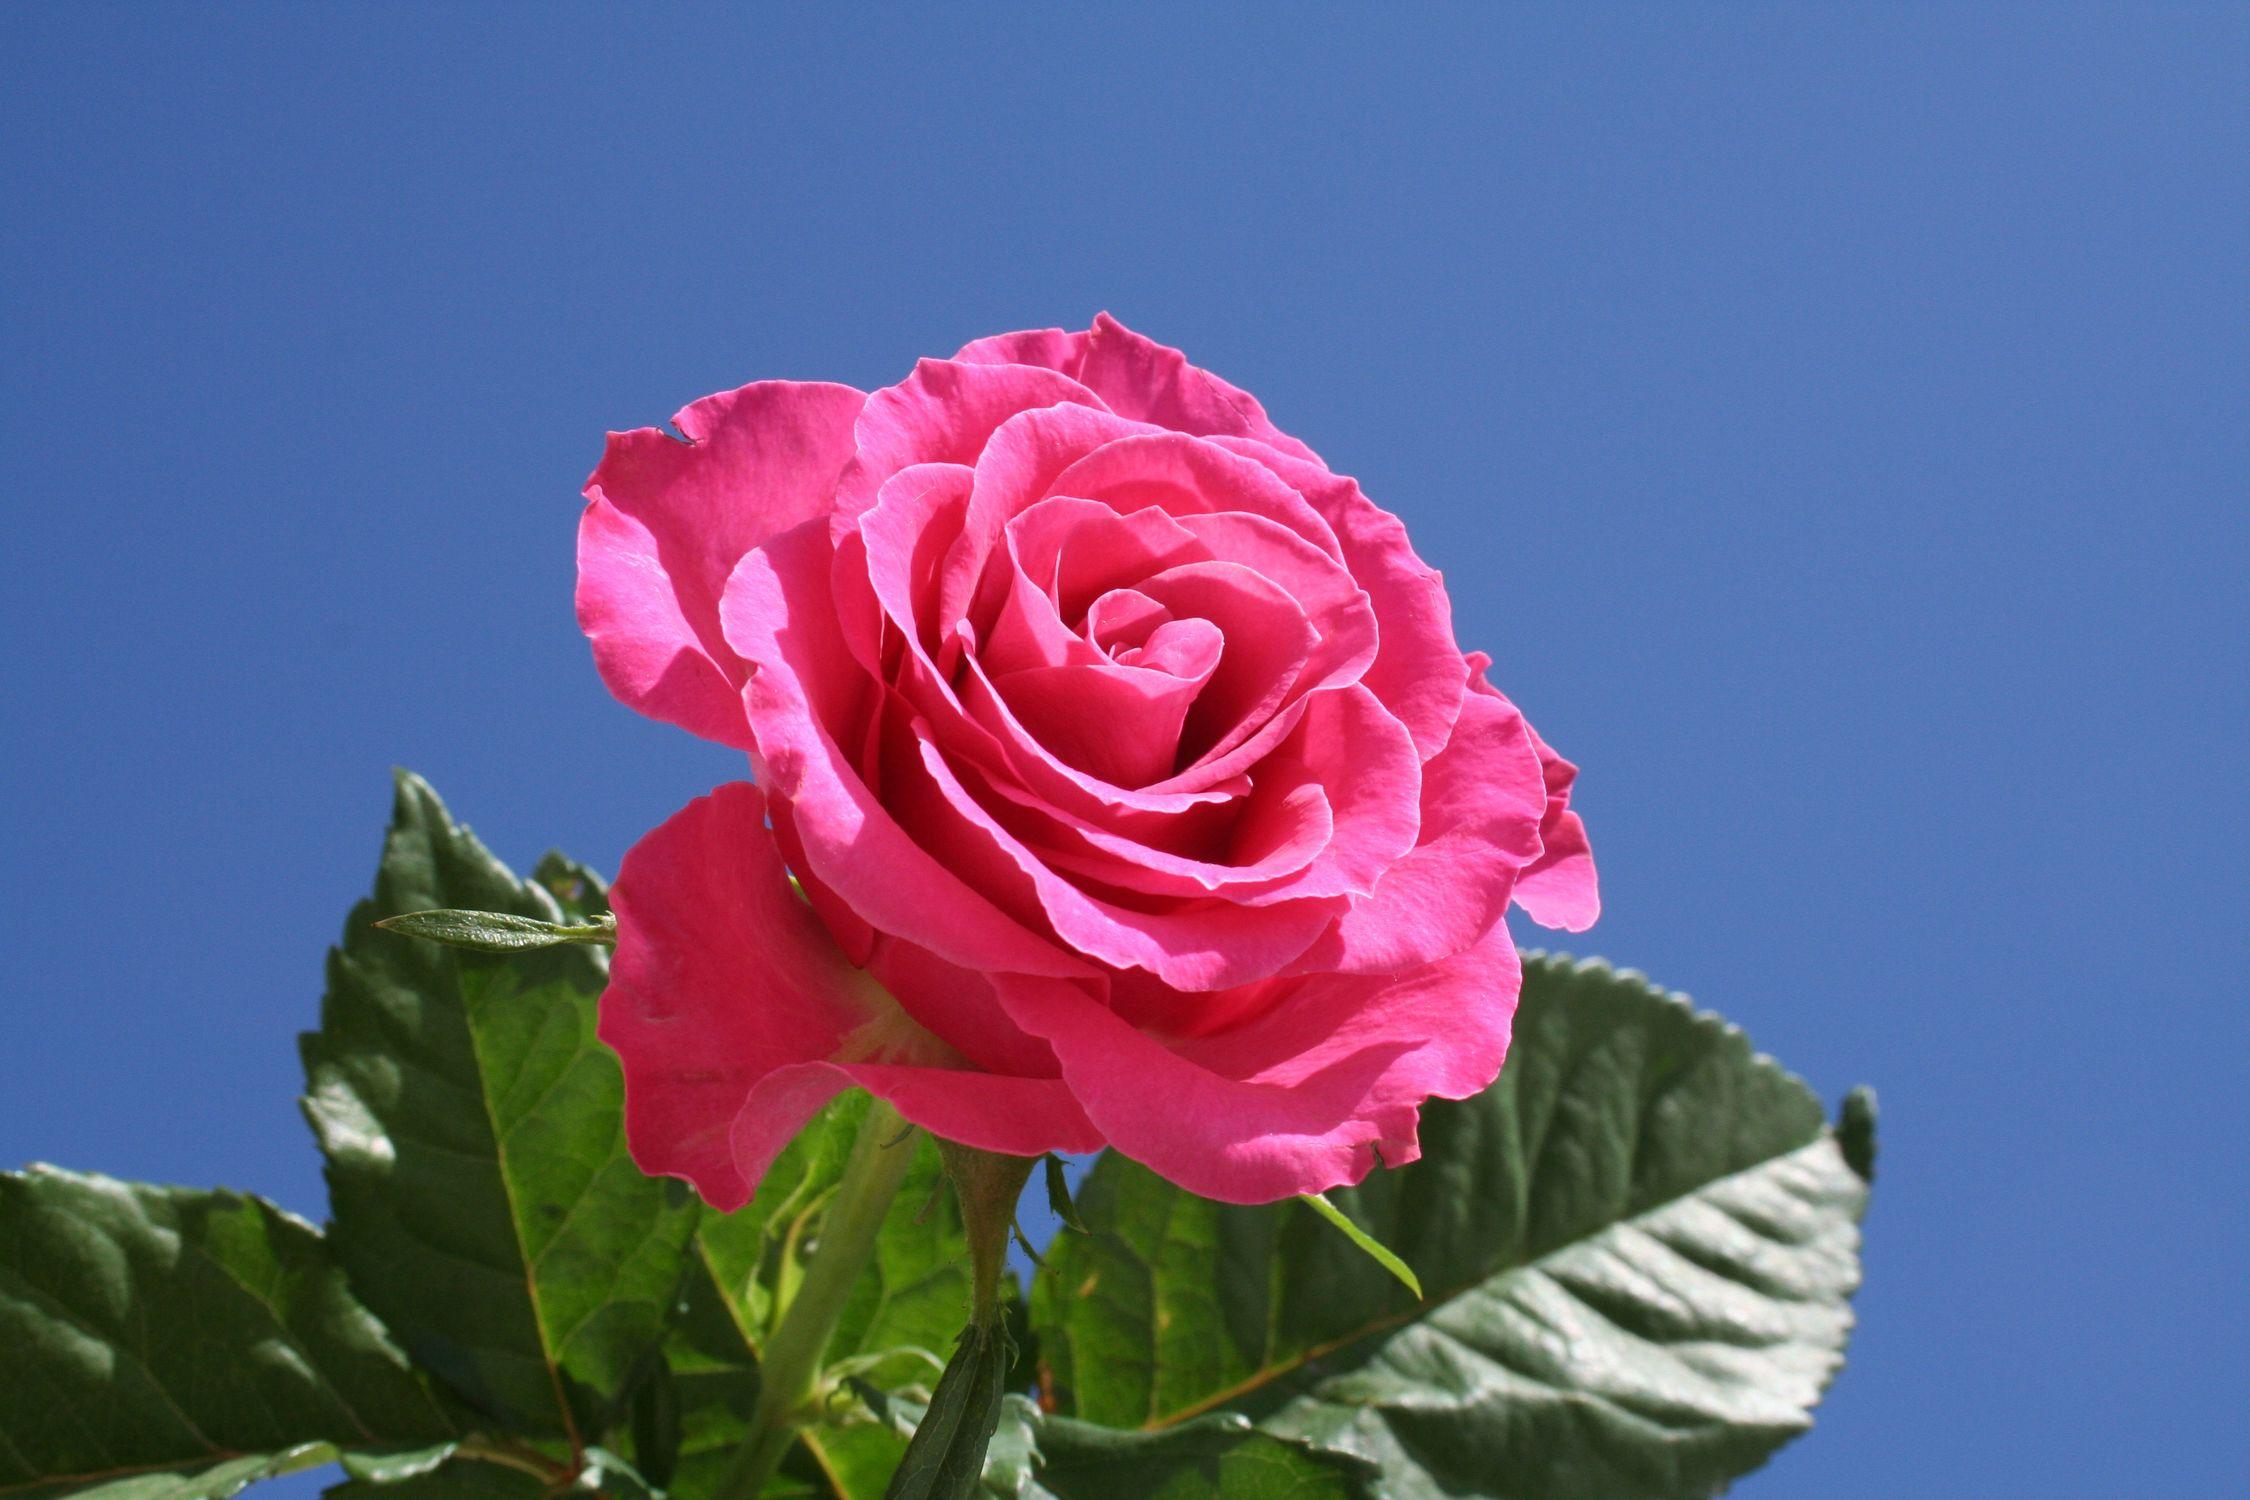 Bild mit Farben, Natur, Pflanzen, Himmel, Blumen, Blumen, Rosa, Rot, Rosen, Blau, Kamelien, Makrofotografie, Blume, Pflanze, Rose, Roses, Makro Rose, rote Rose, Rosenblüte, Flower, Flowers, rote Rosen, red Rose, red